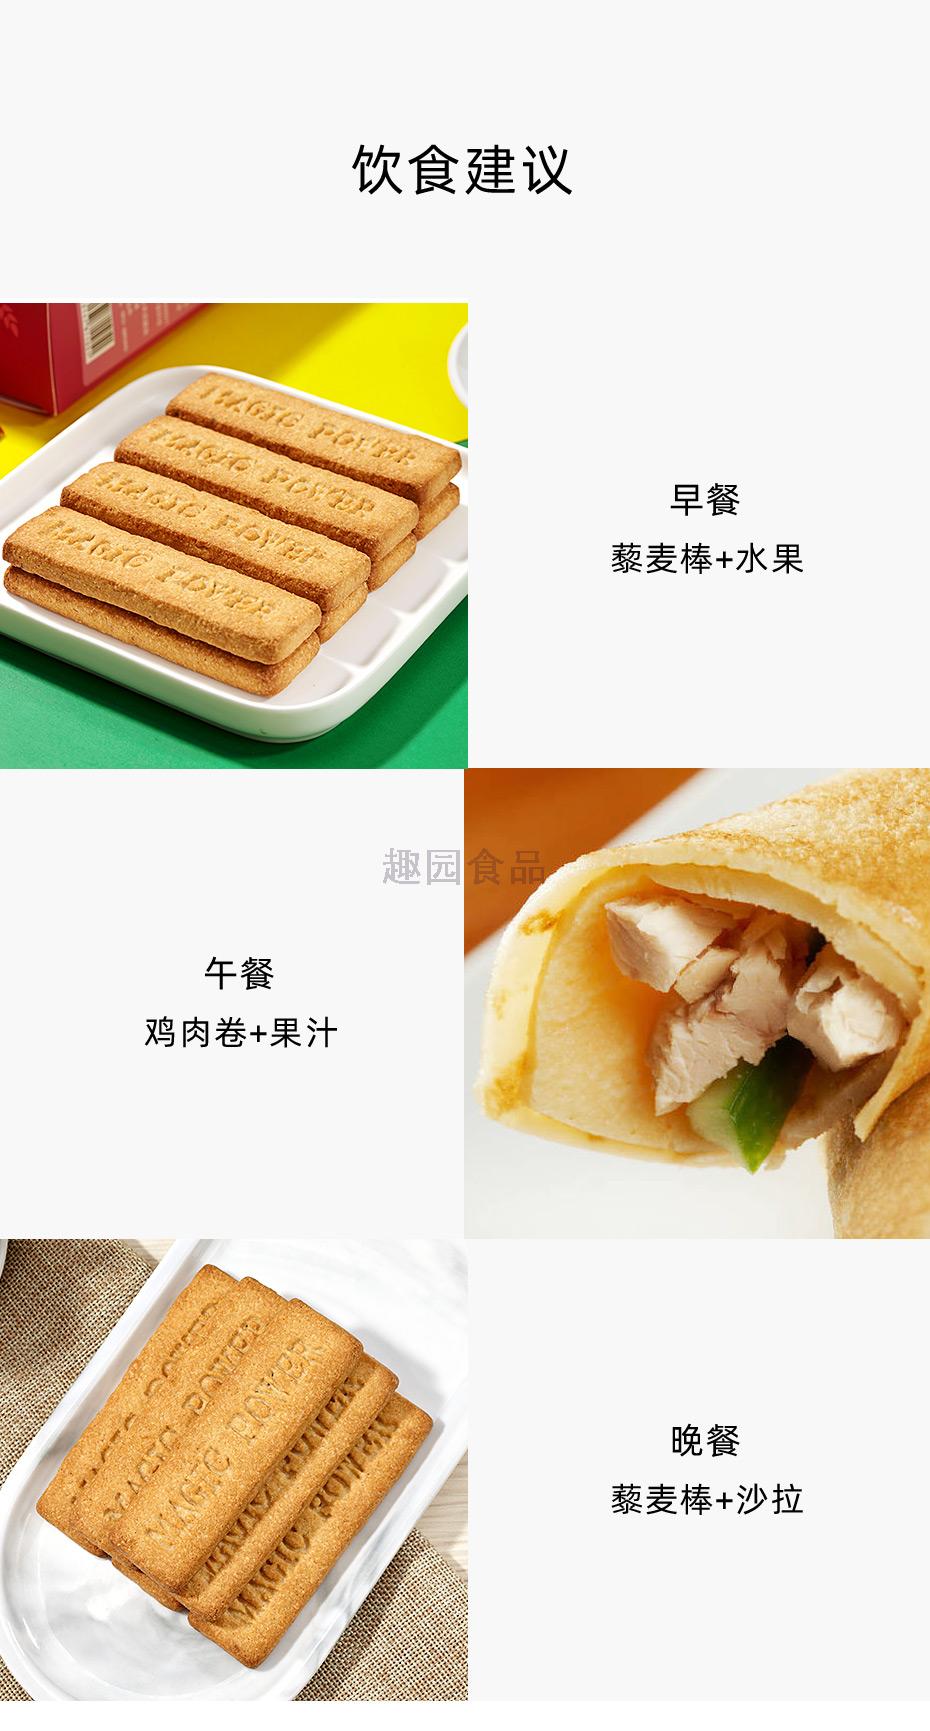 藜麦纤维棒饼